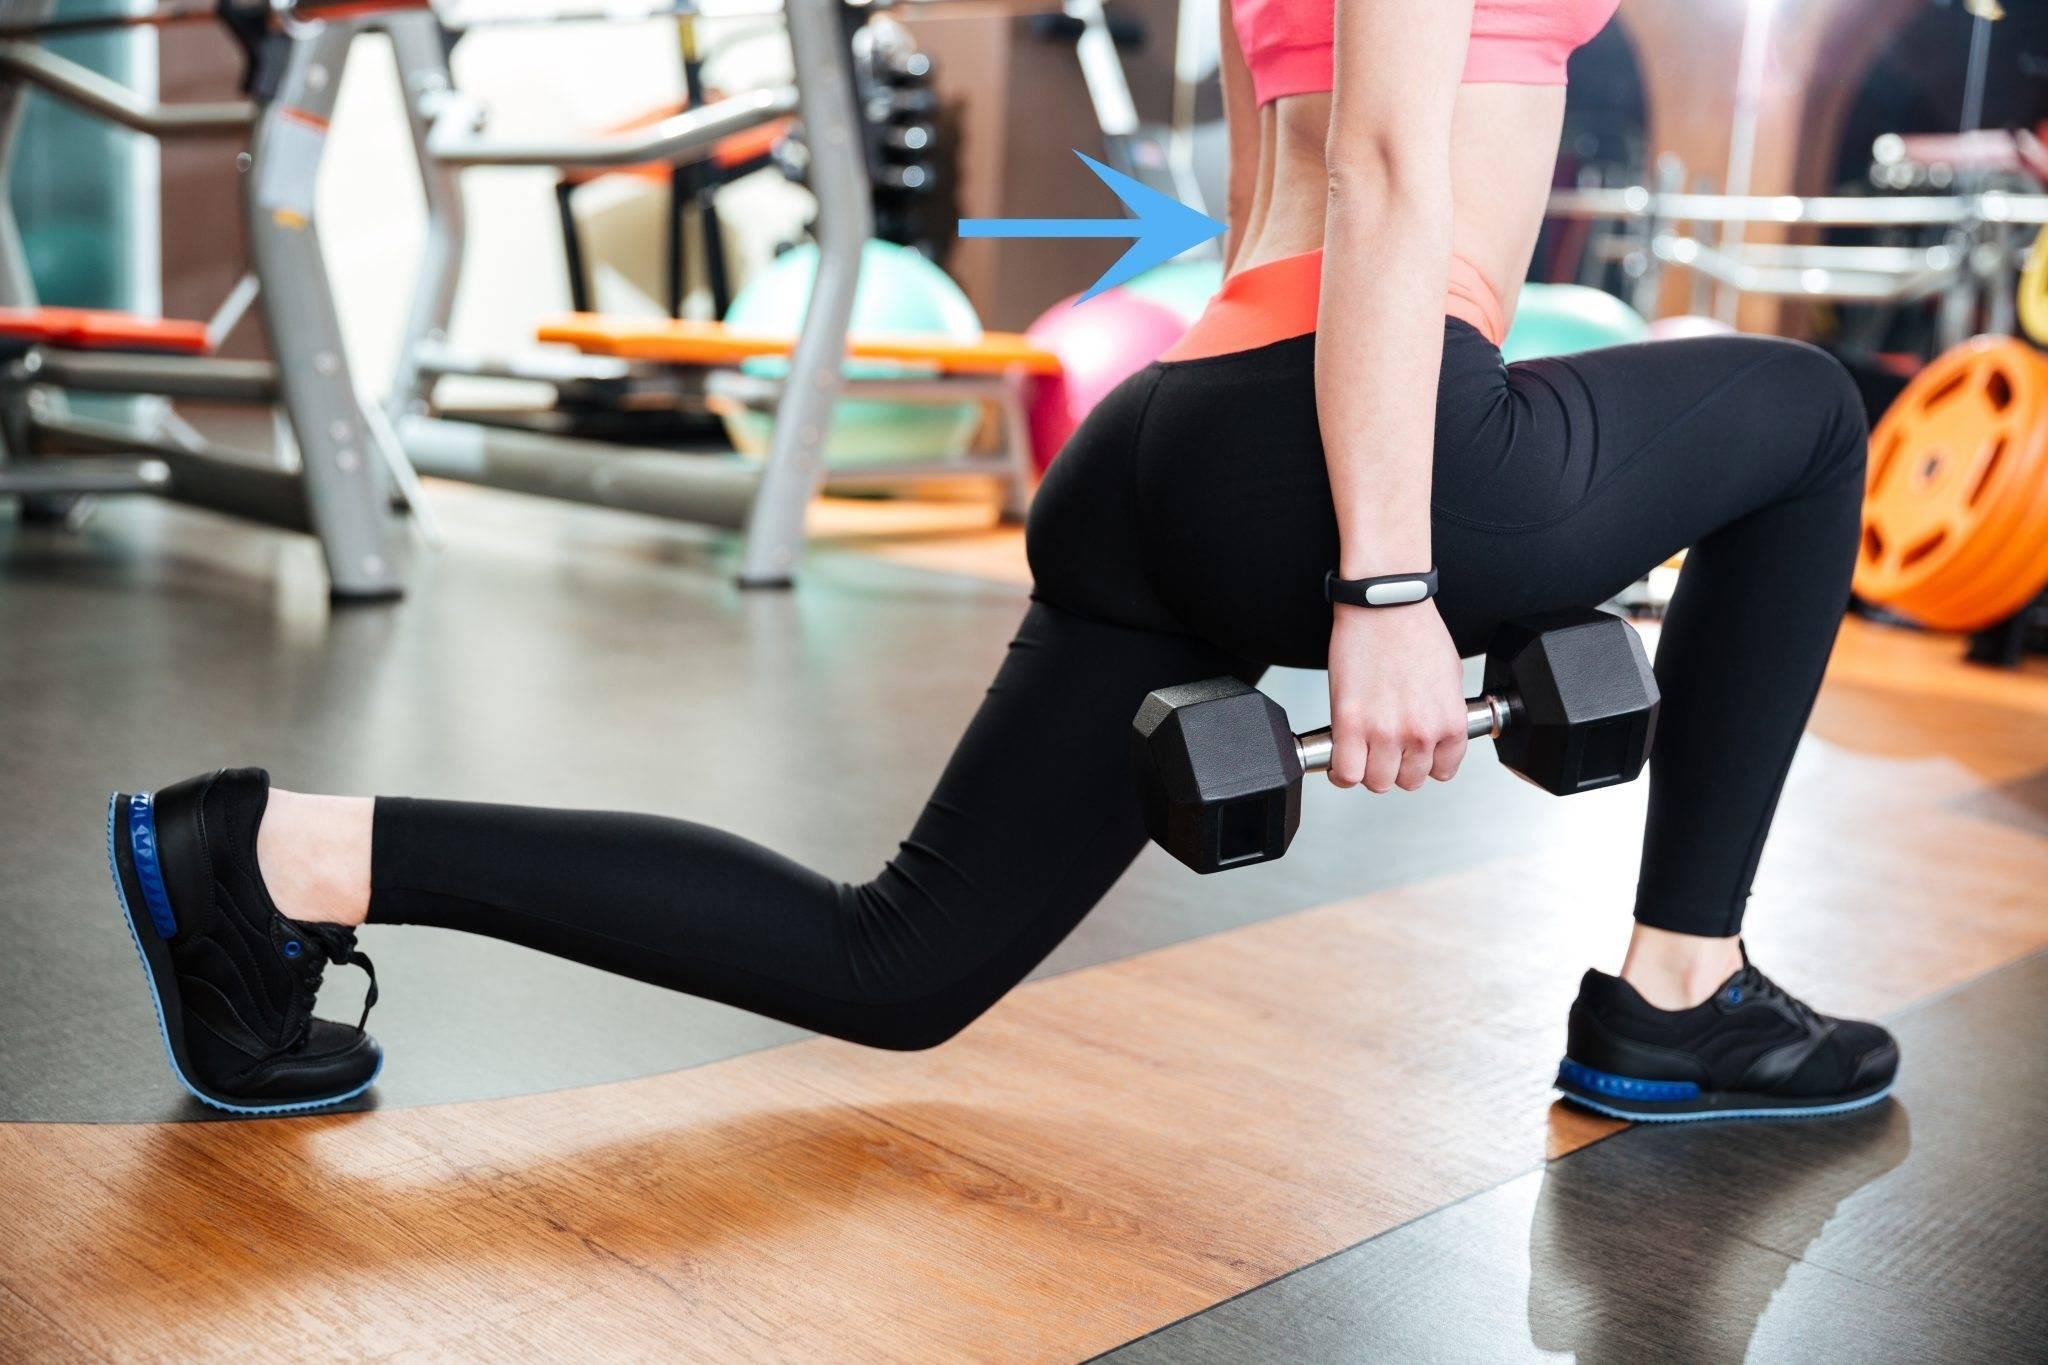 Тренировочный комплекс для ног и ягодиц